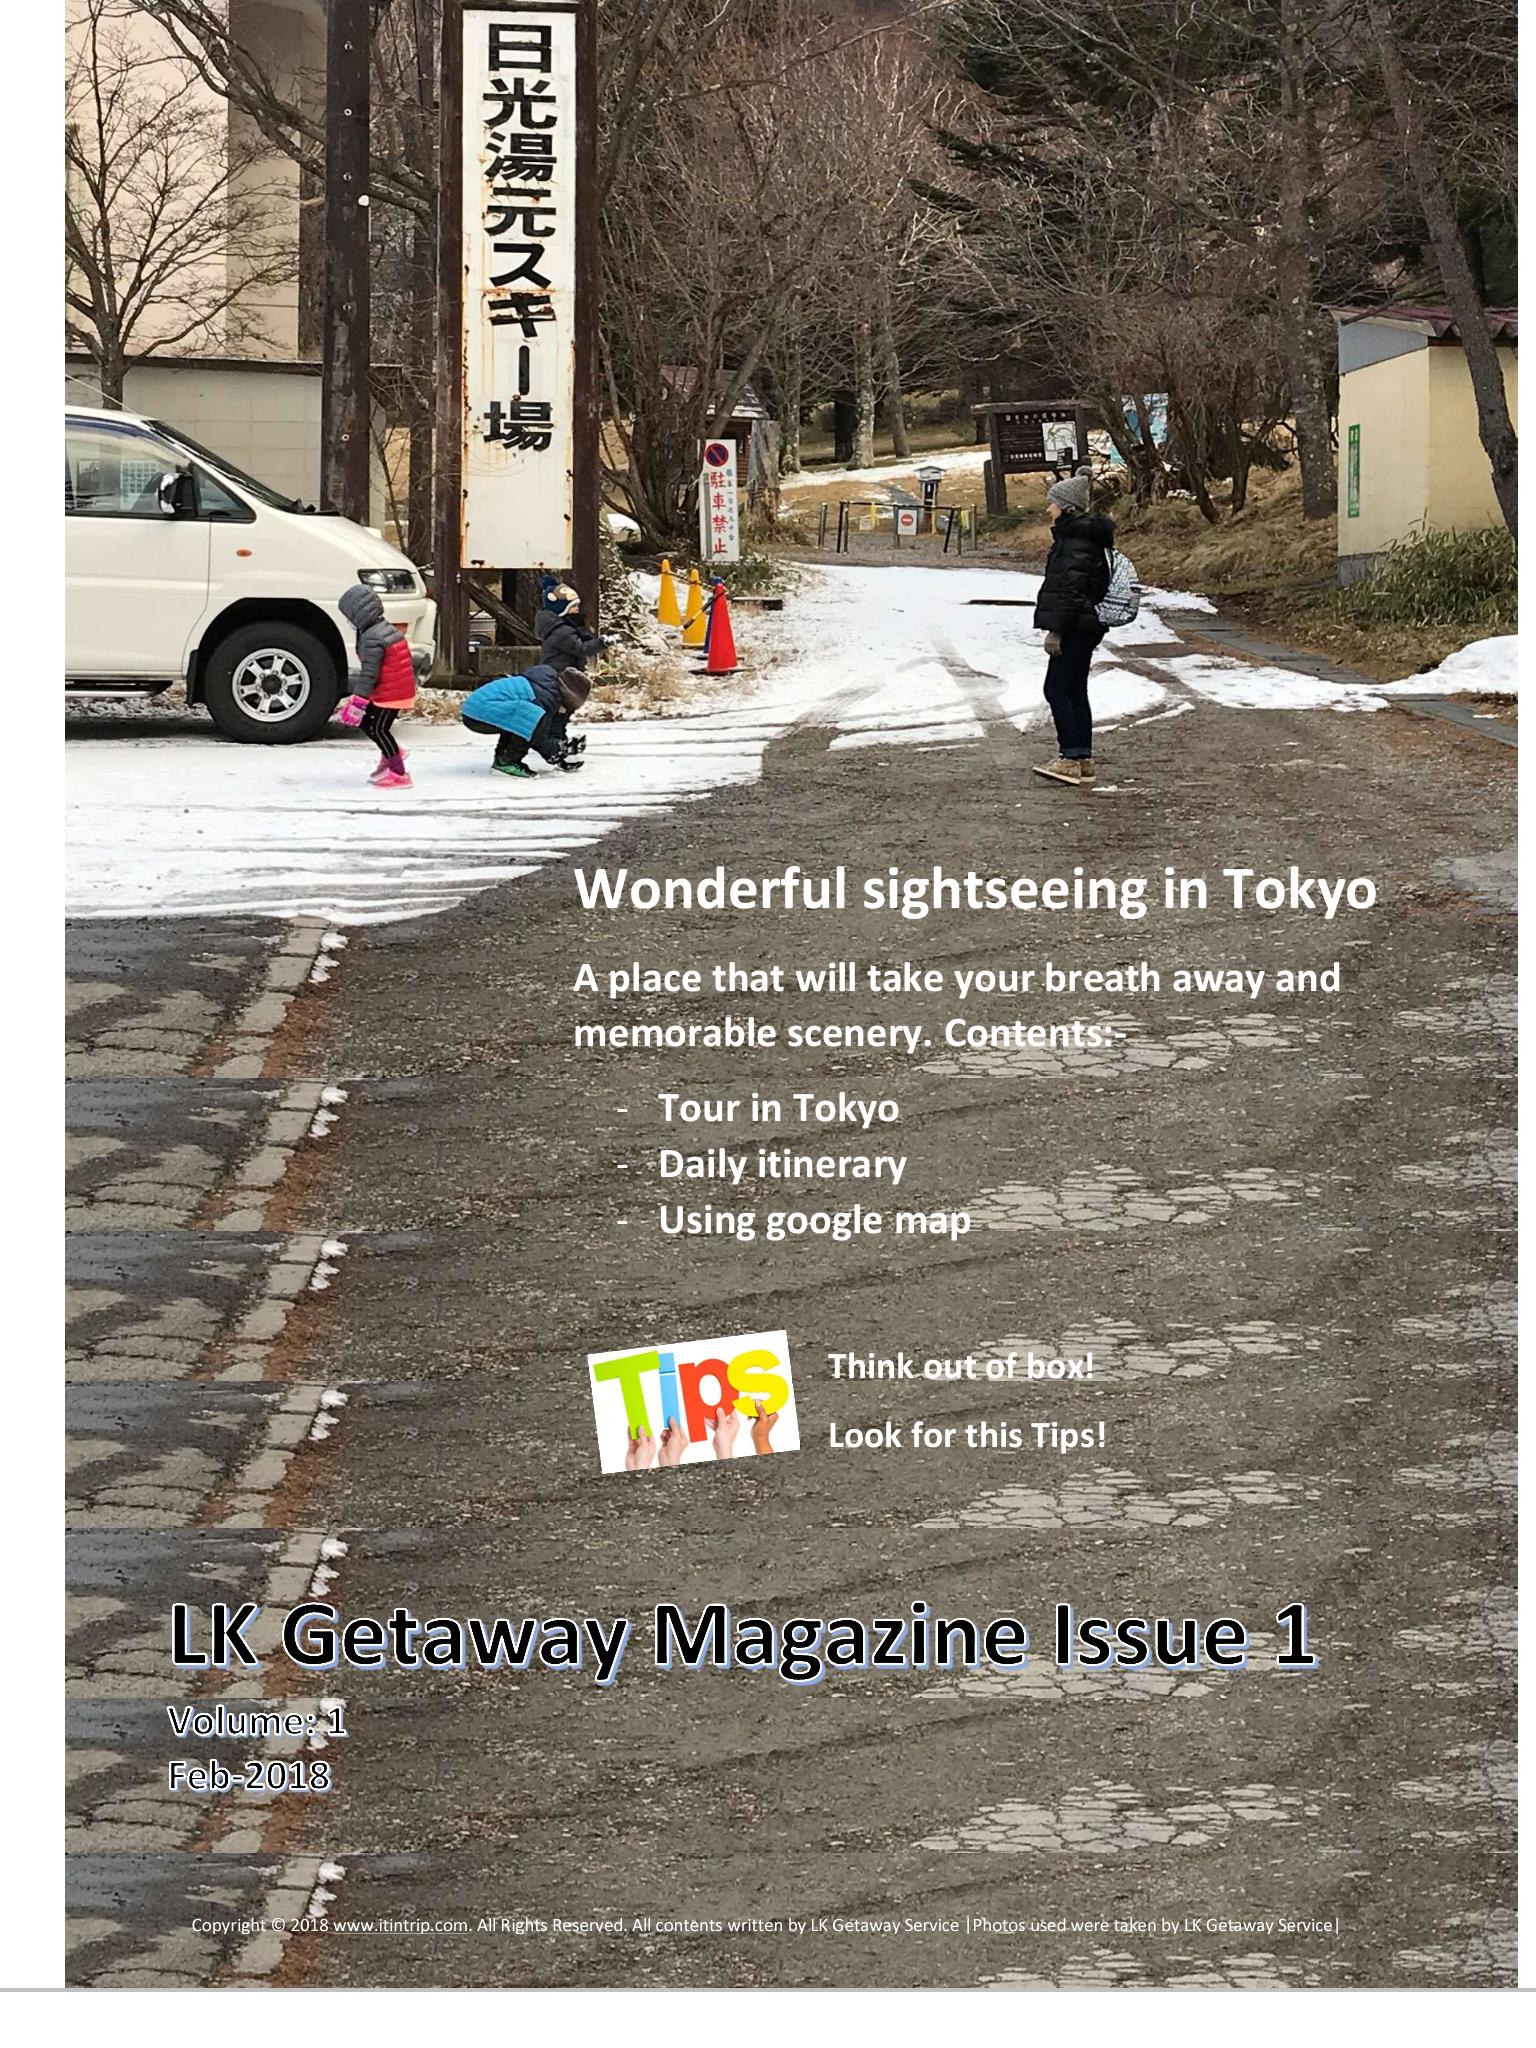 LK Getaway Magazine (Issue 1)